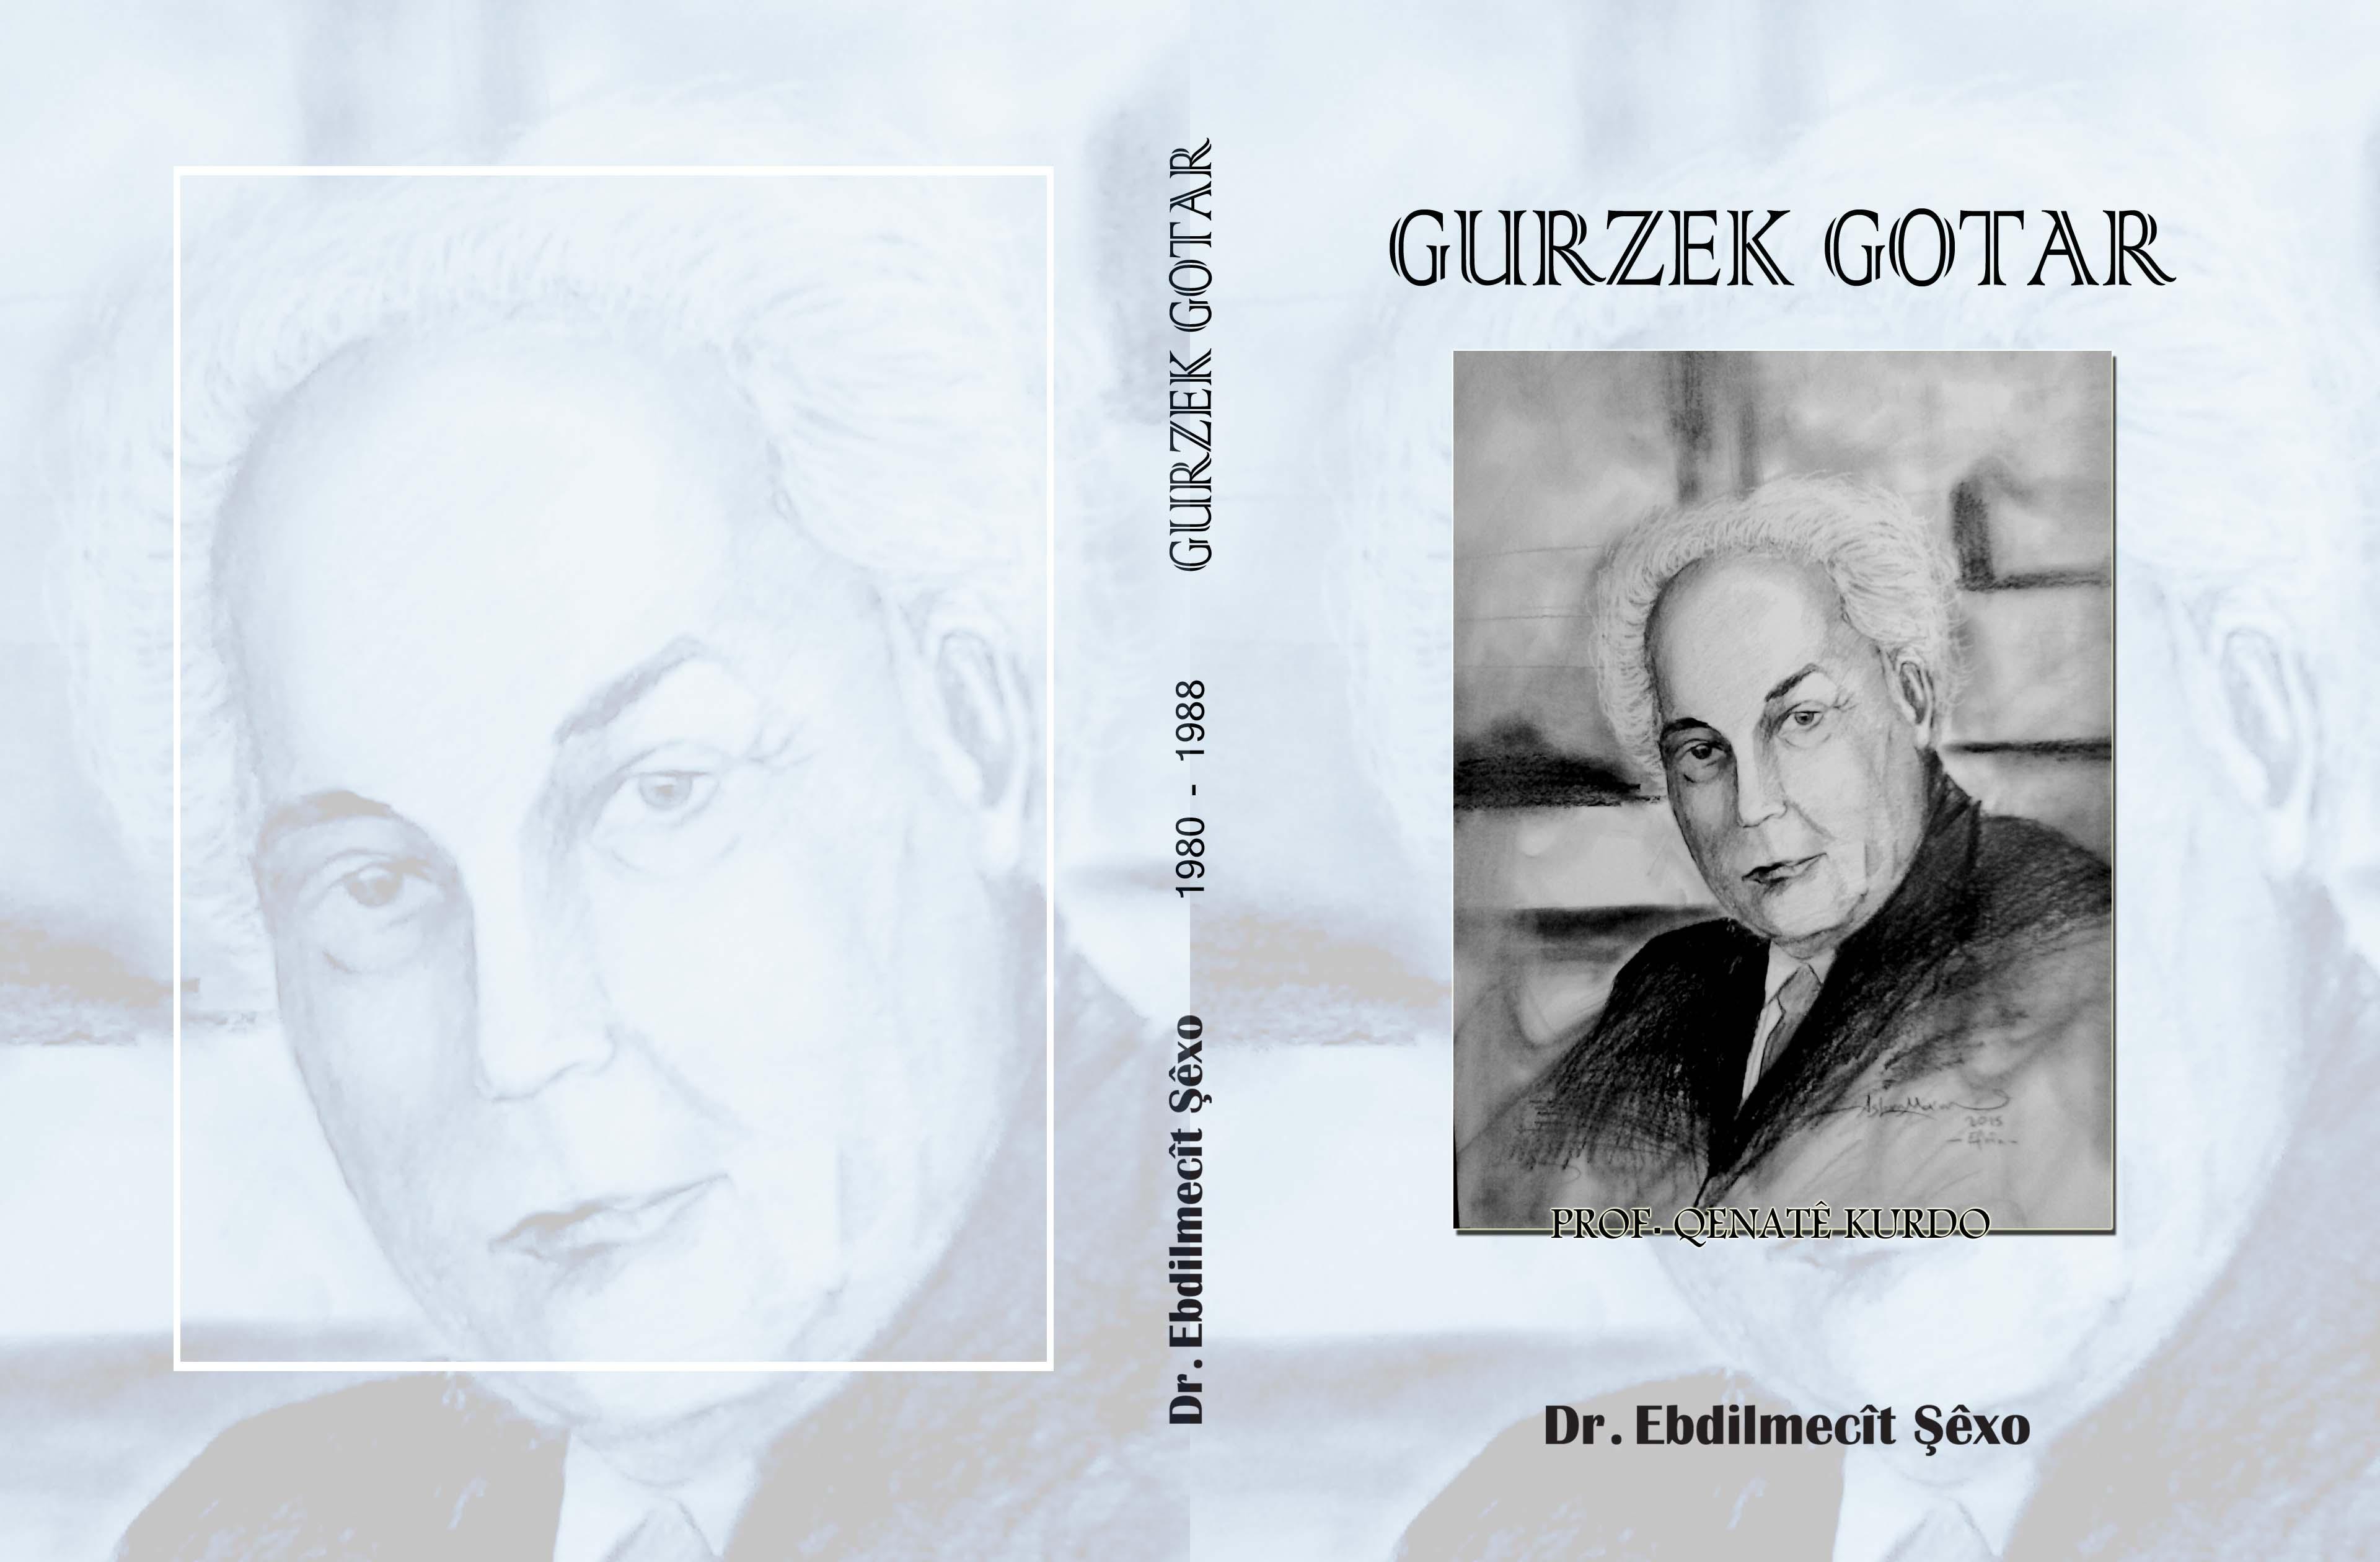 Qab-Gurzek Gotar